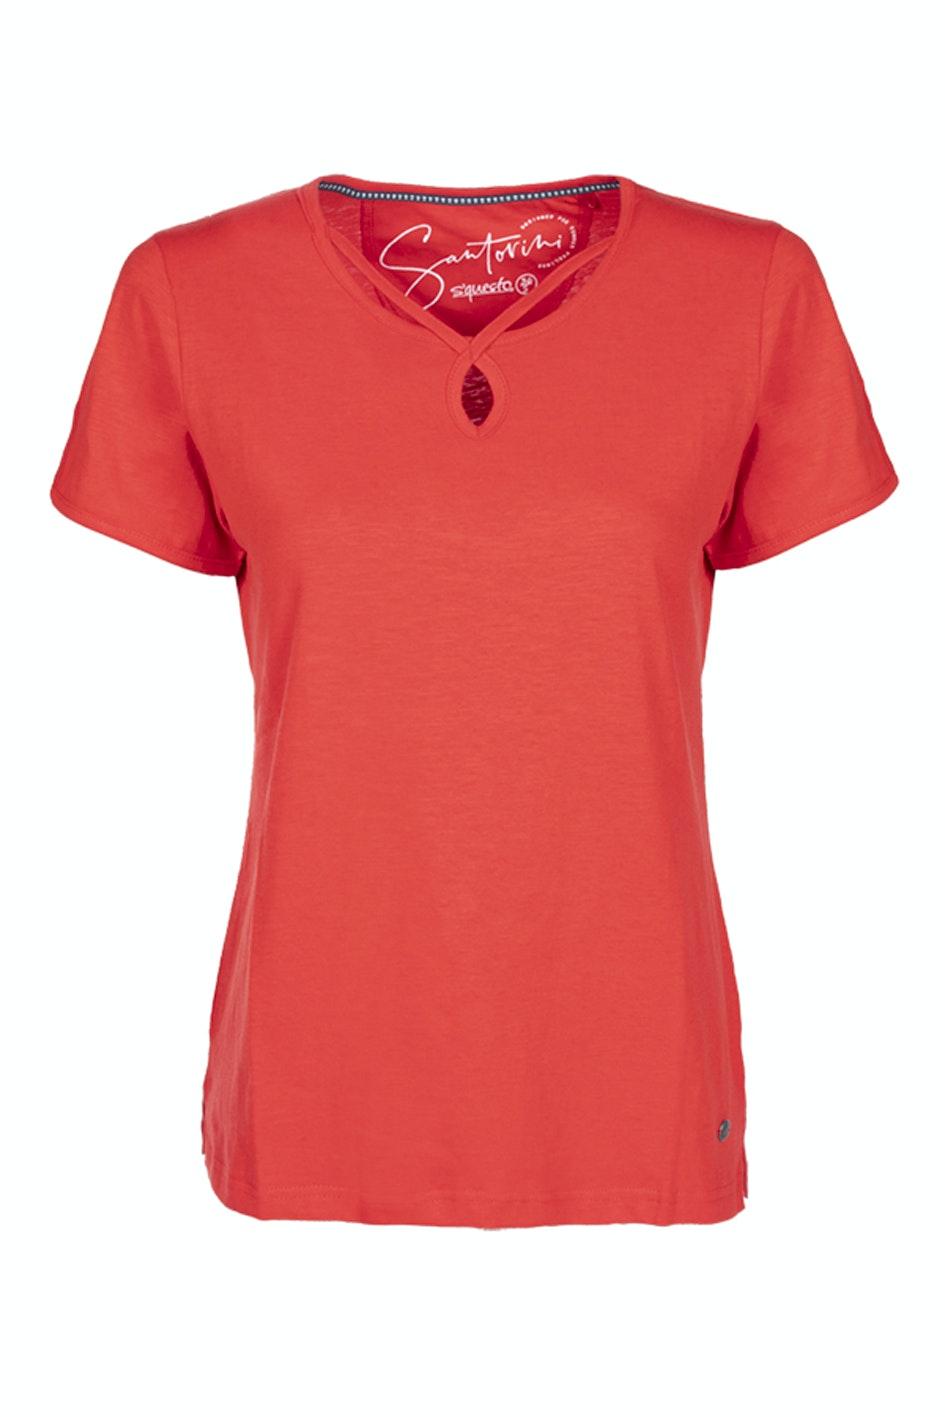 Soquesto Shirt Ilvy